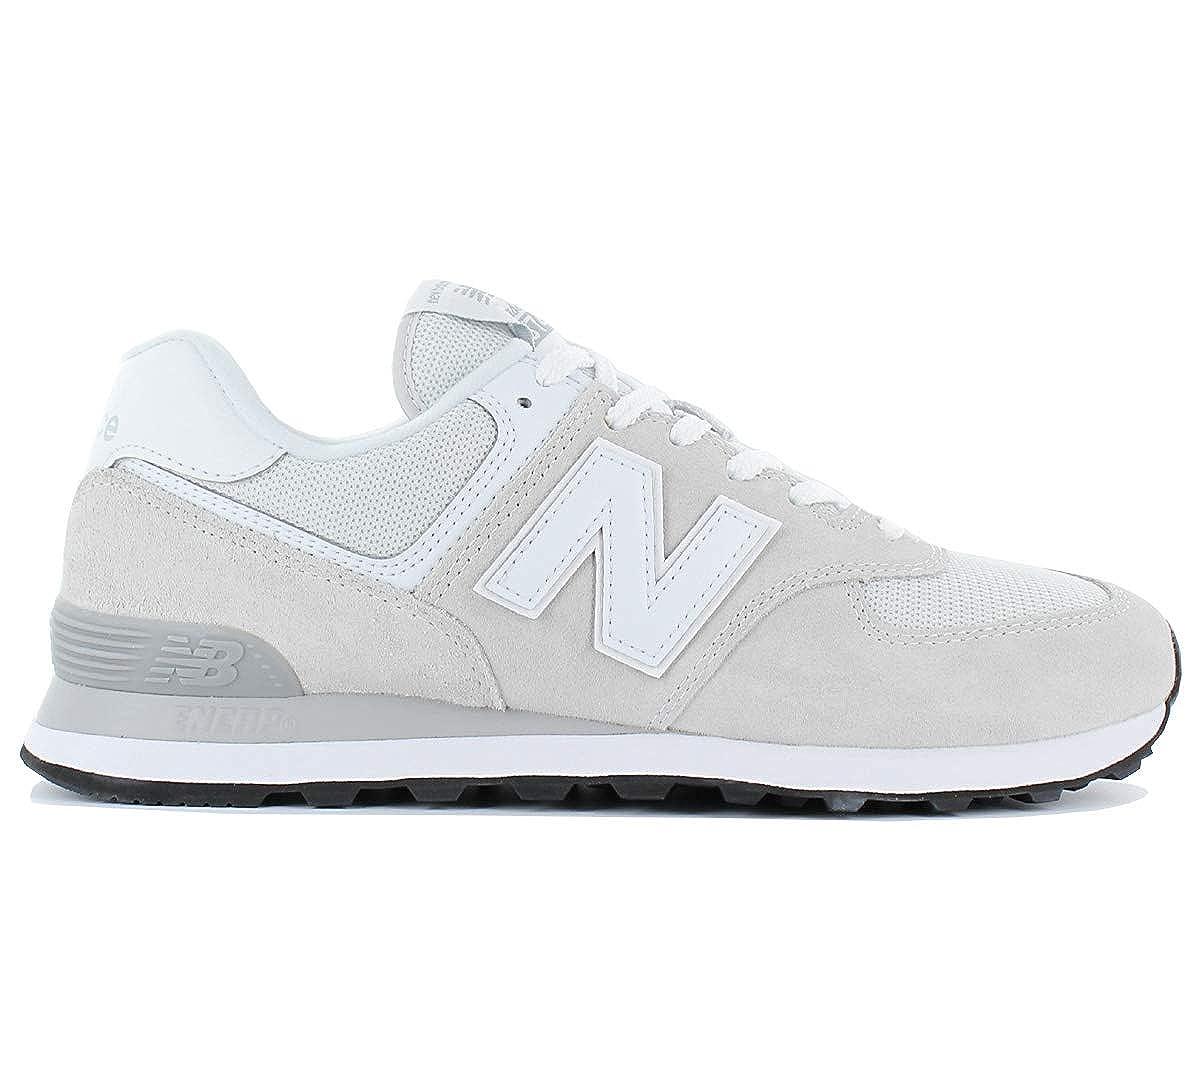 New Balance Classics(ニューバランス クラシック) メンズ 男性用 シューズ 靴 スニーカー 運動靴 ML574v2 - Nimbus Cloud/Nimbus Cloud [並行輸入品] B07BMKD9CM 6.5 D - Medium